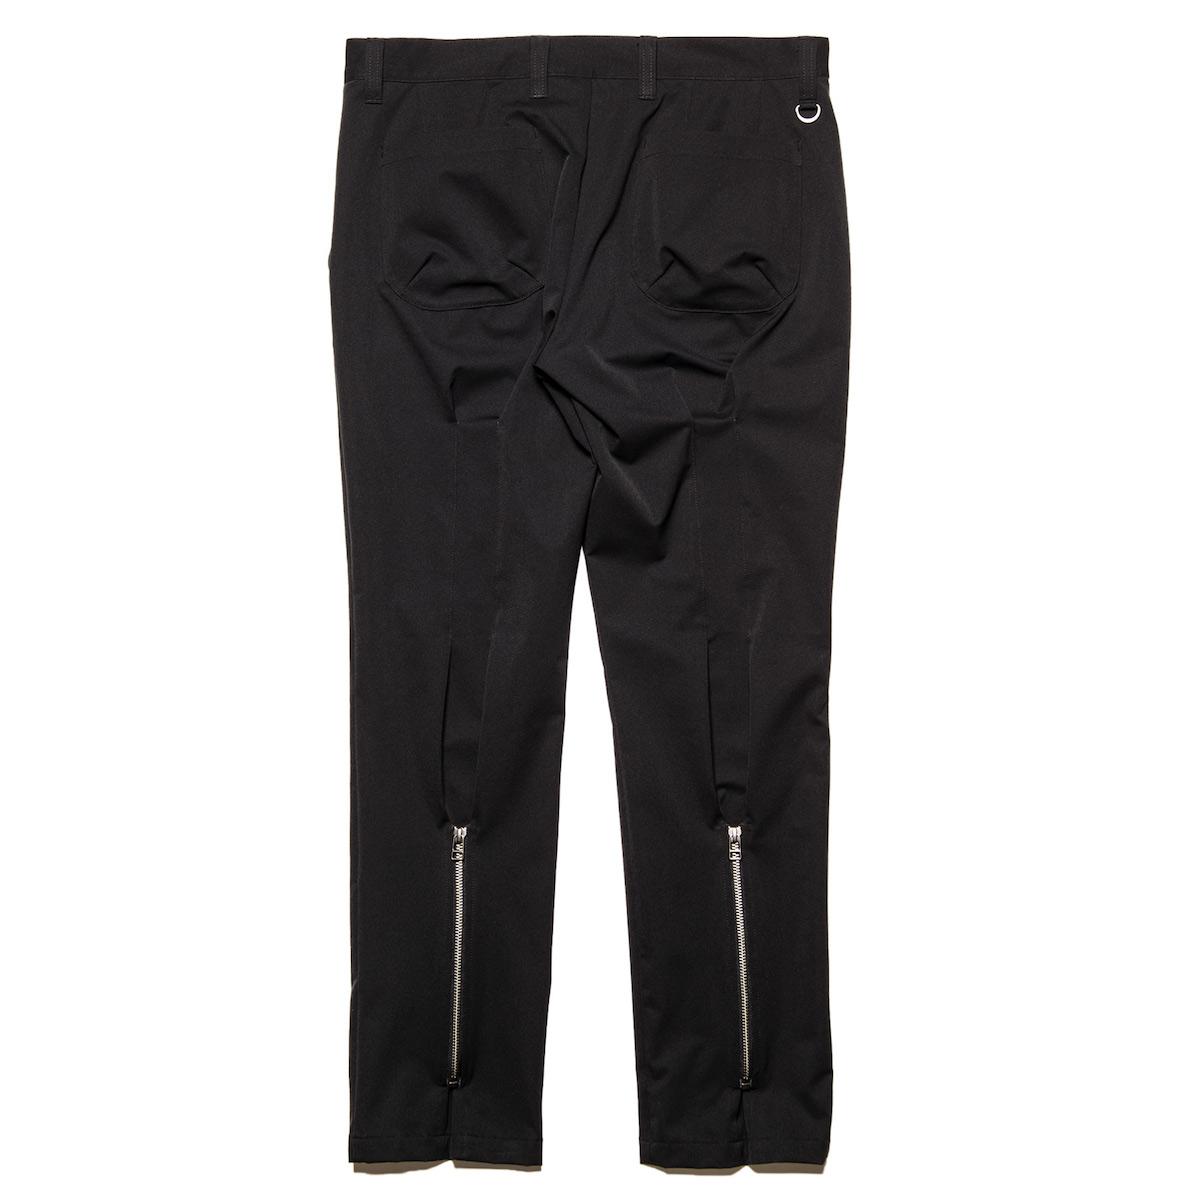 uniform experiment / BACK ZIP PANTS -Black